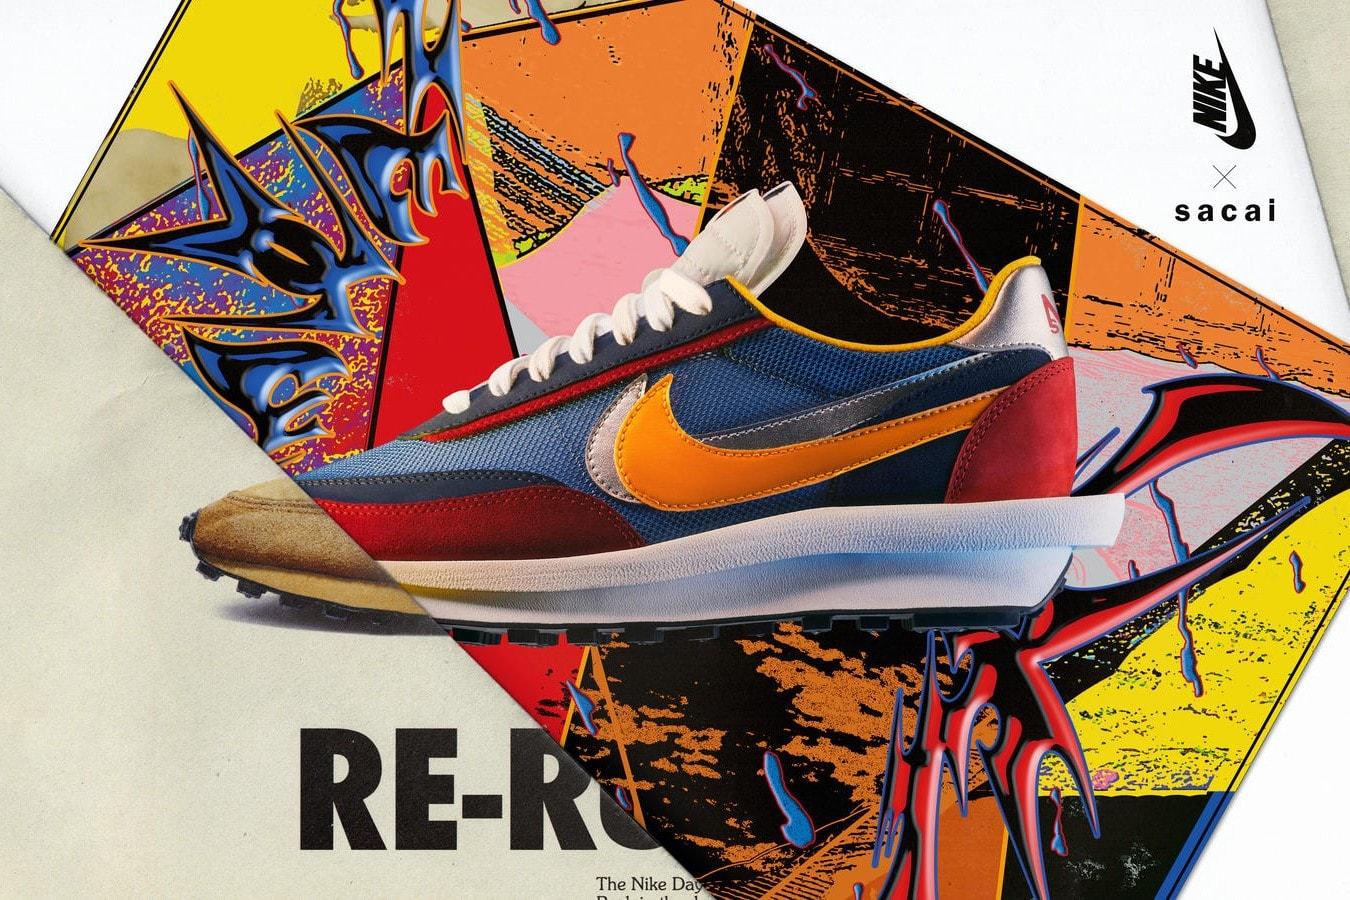 Nike sacai LDV Waffle